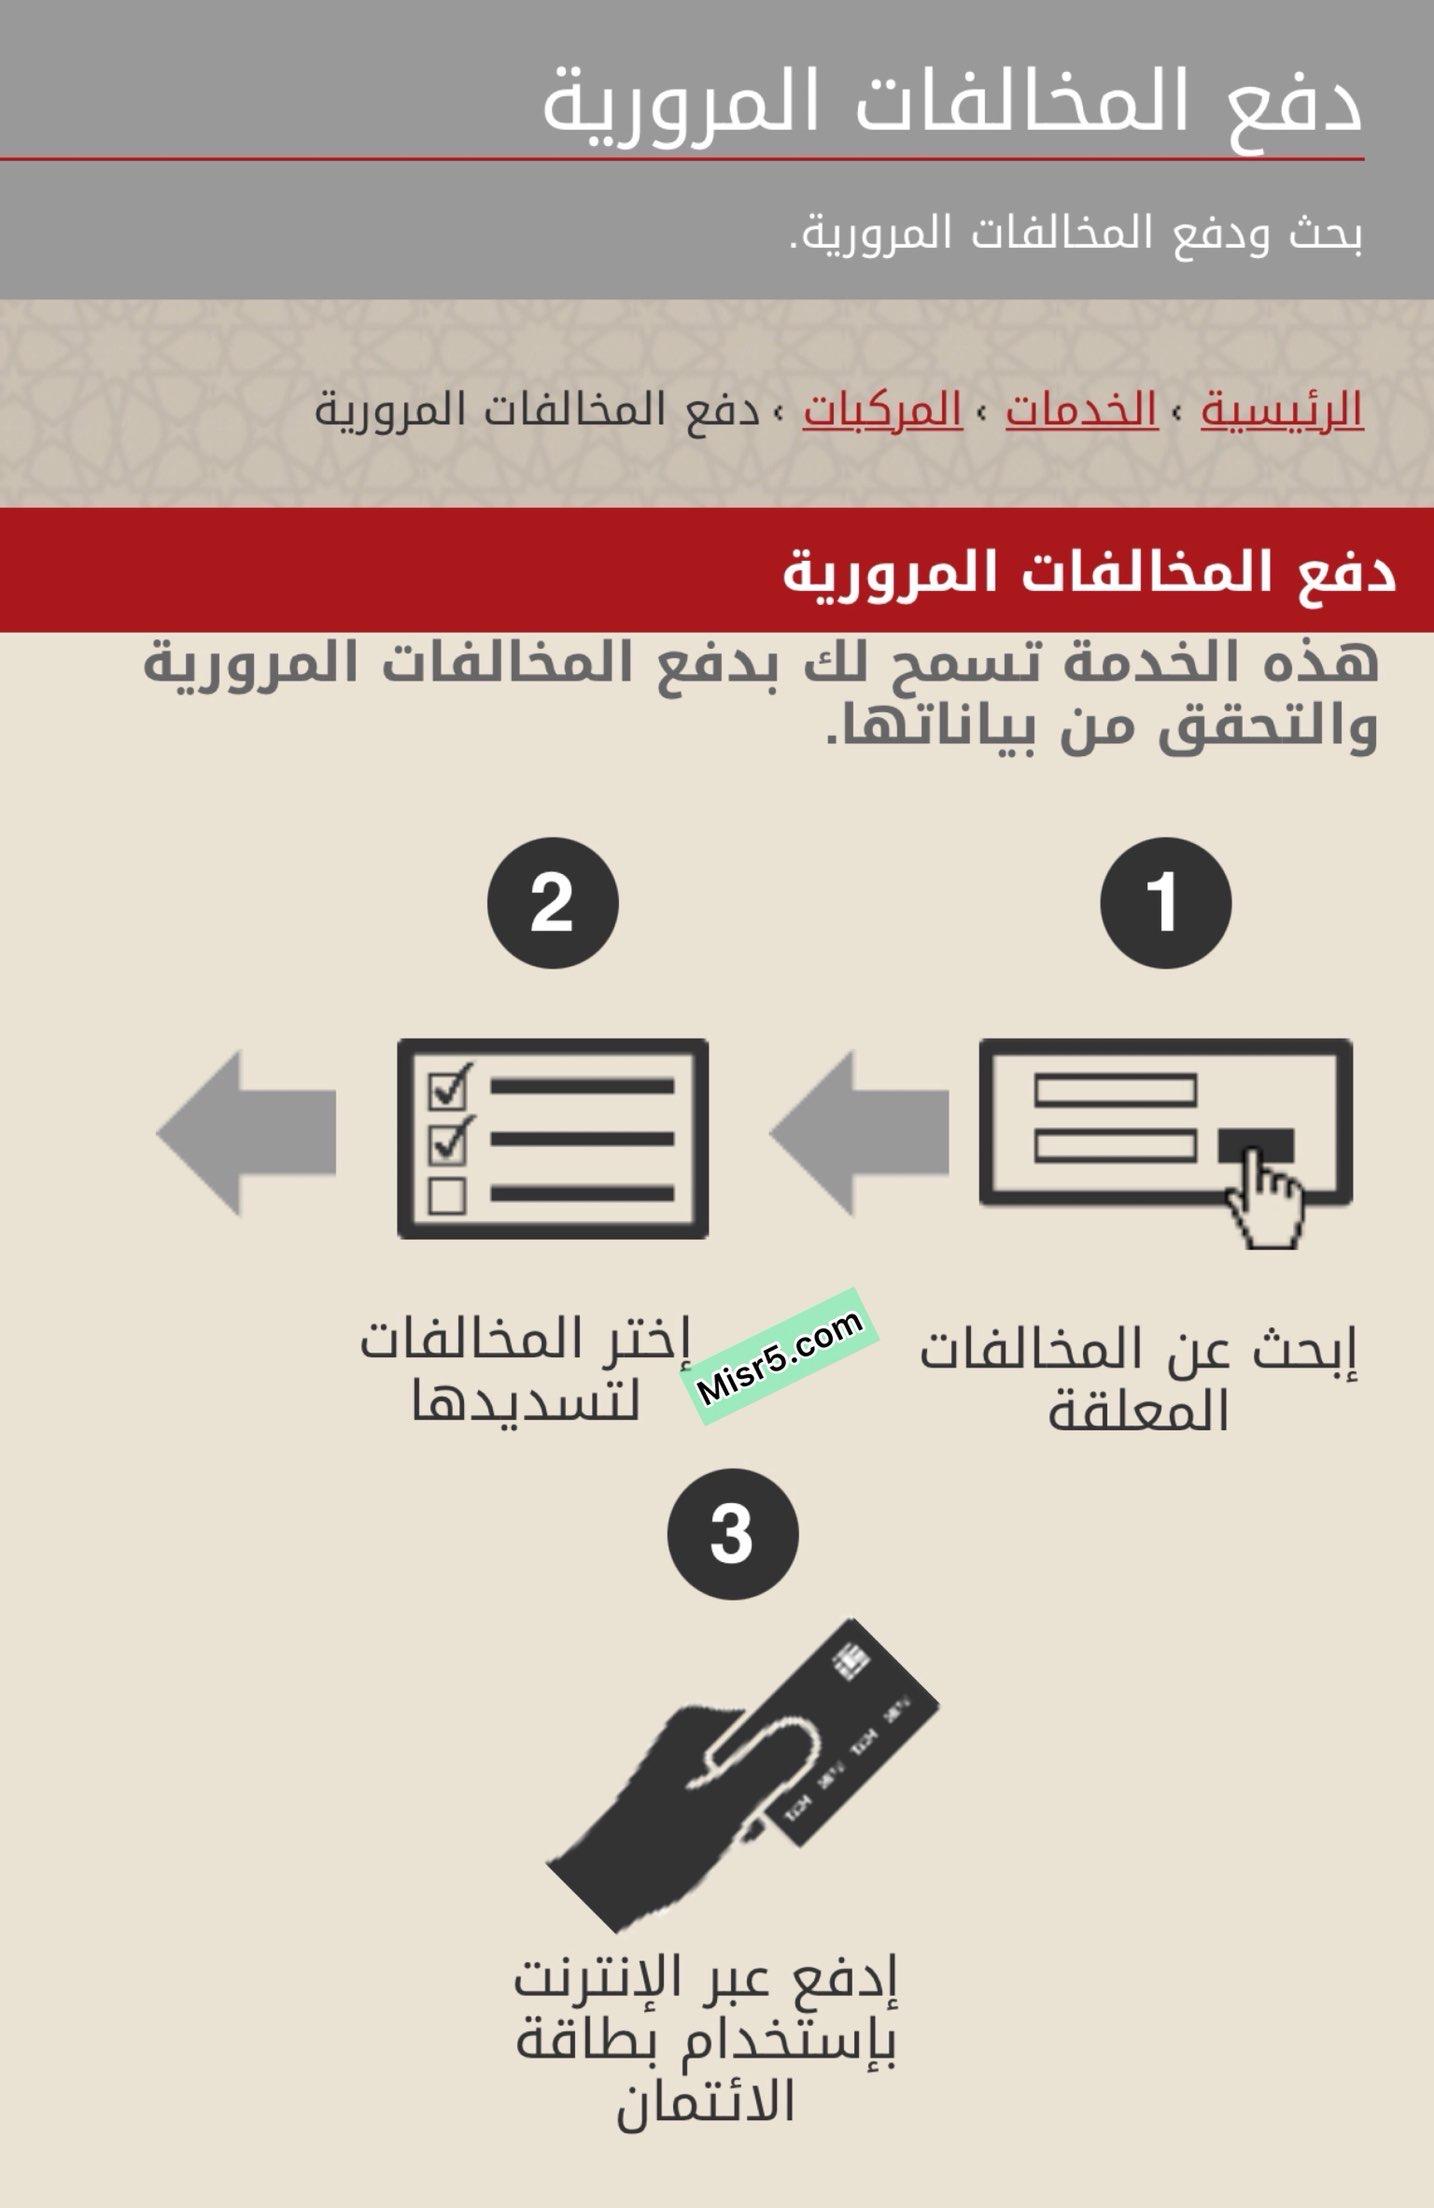 رابط الدفع والإستعلام عن مخالفات مرور أبو ظبي 2021 1